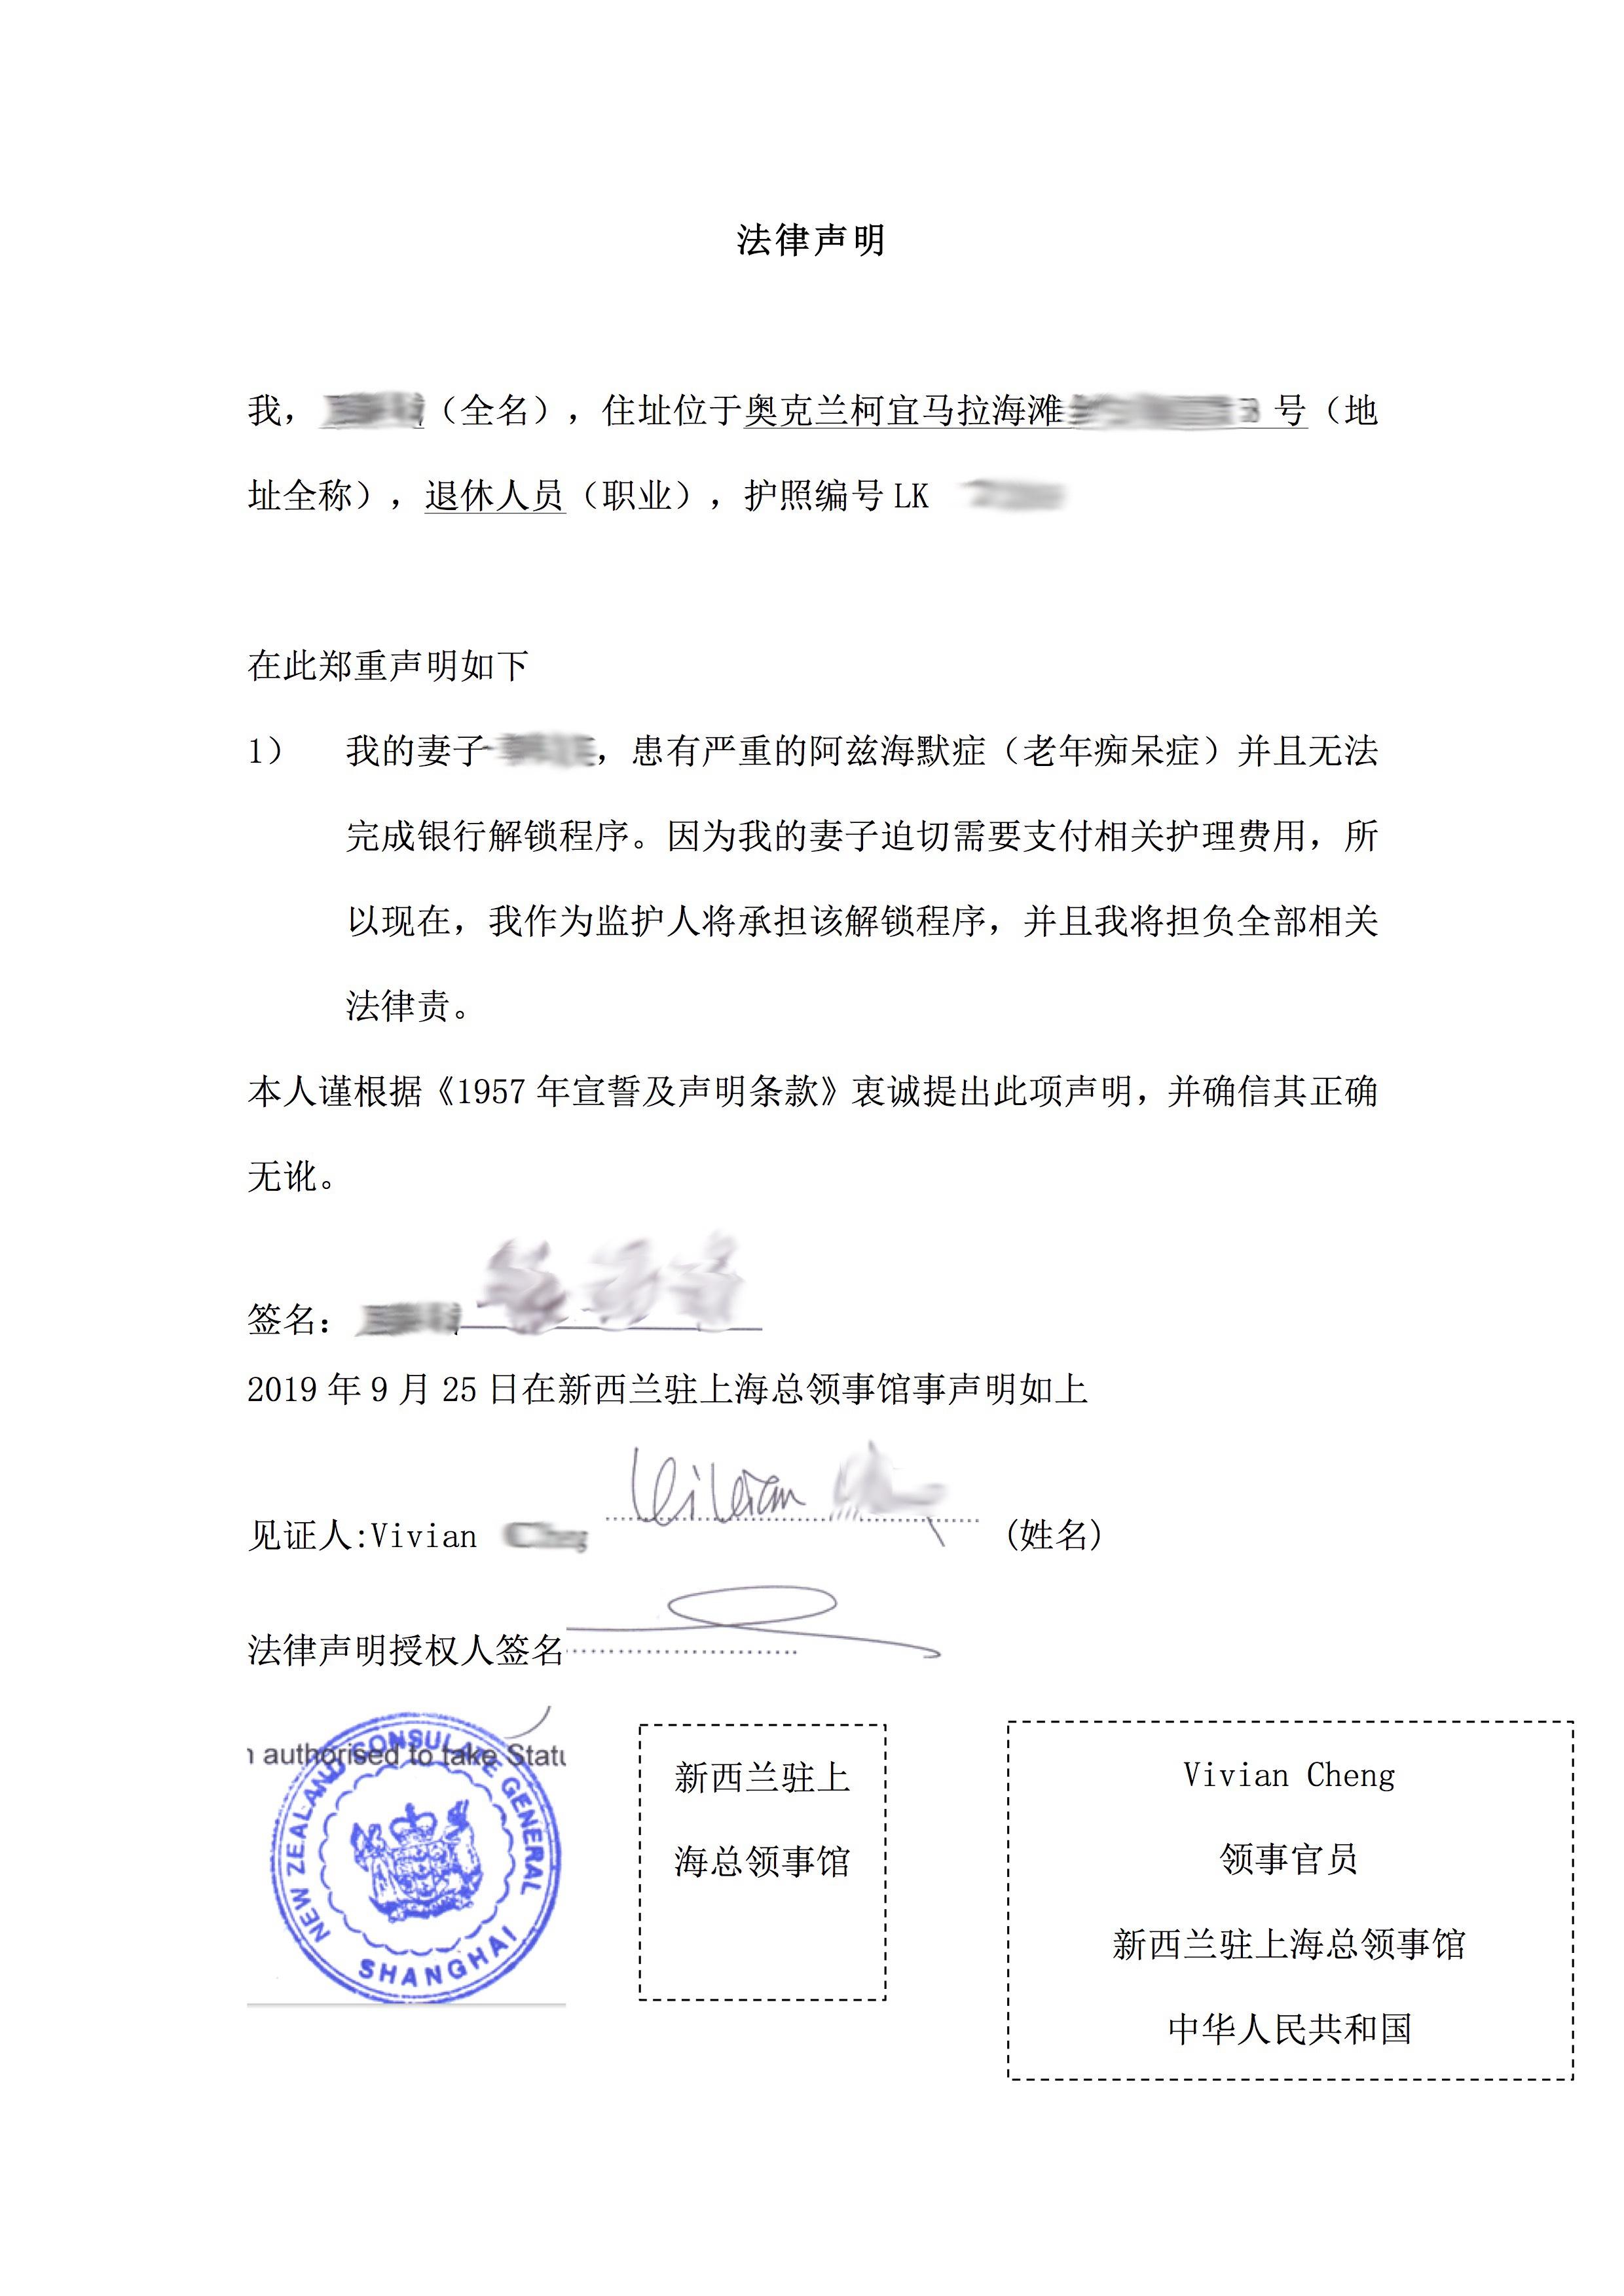 .jpg - 新西兰驻上海领事馆法律声明/宣誓书翻译认证盖章